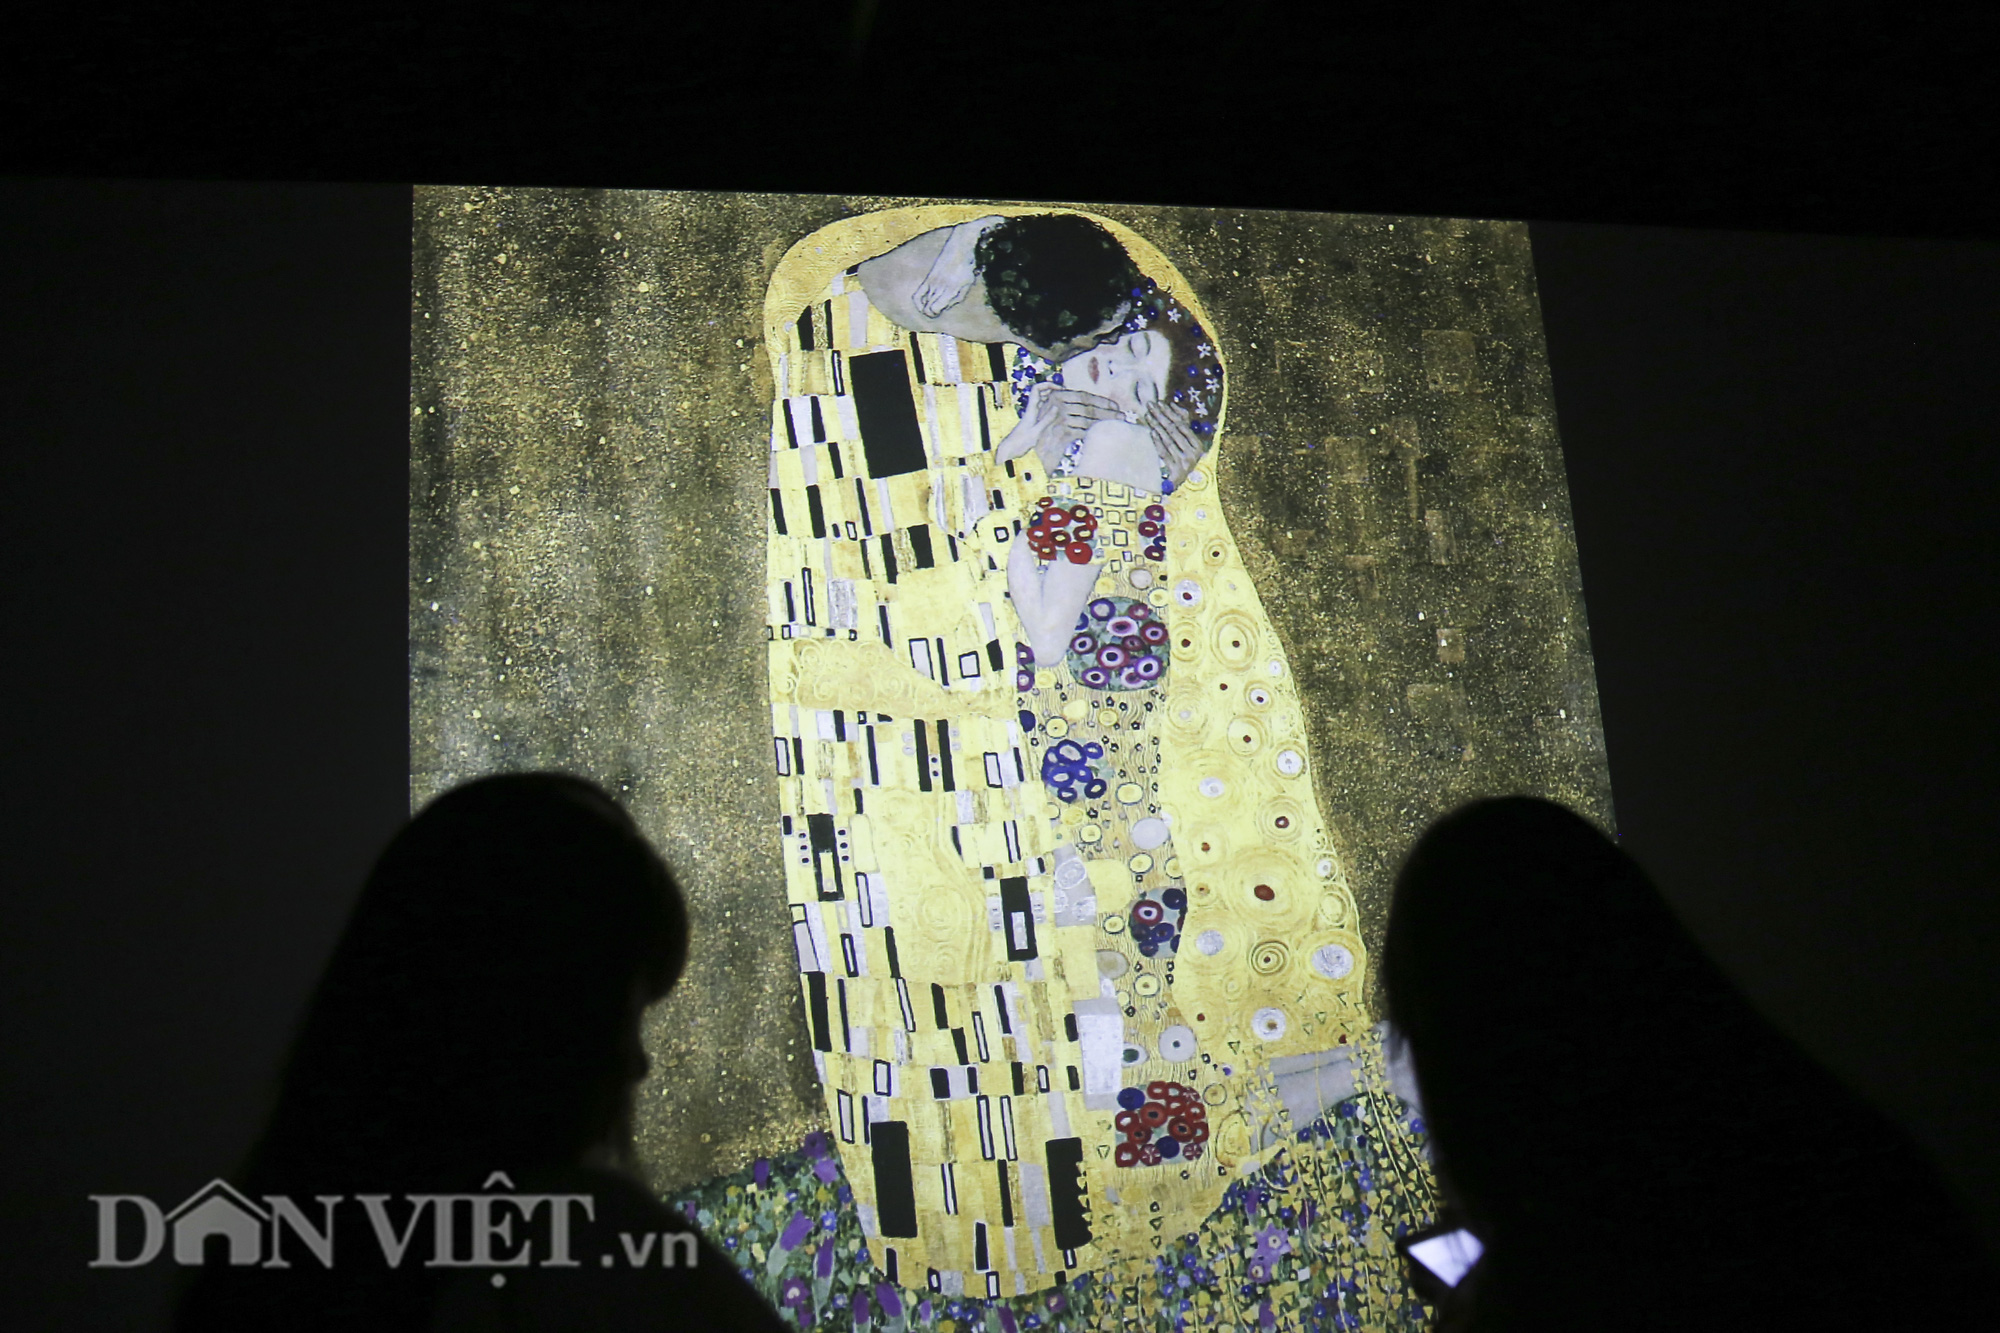 Chiêm ngưỡng những kiệt tác hội họa trăm năm, giá trăm triệu USD tại Hà Nội - Ảnh 10.